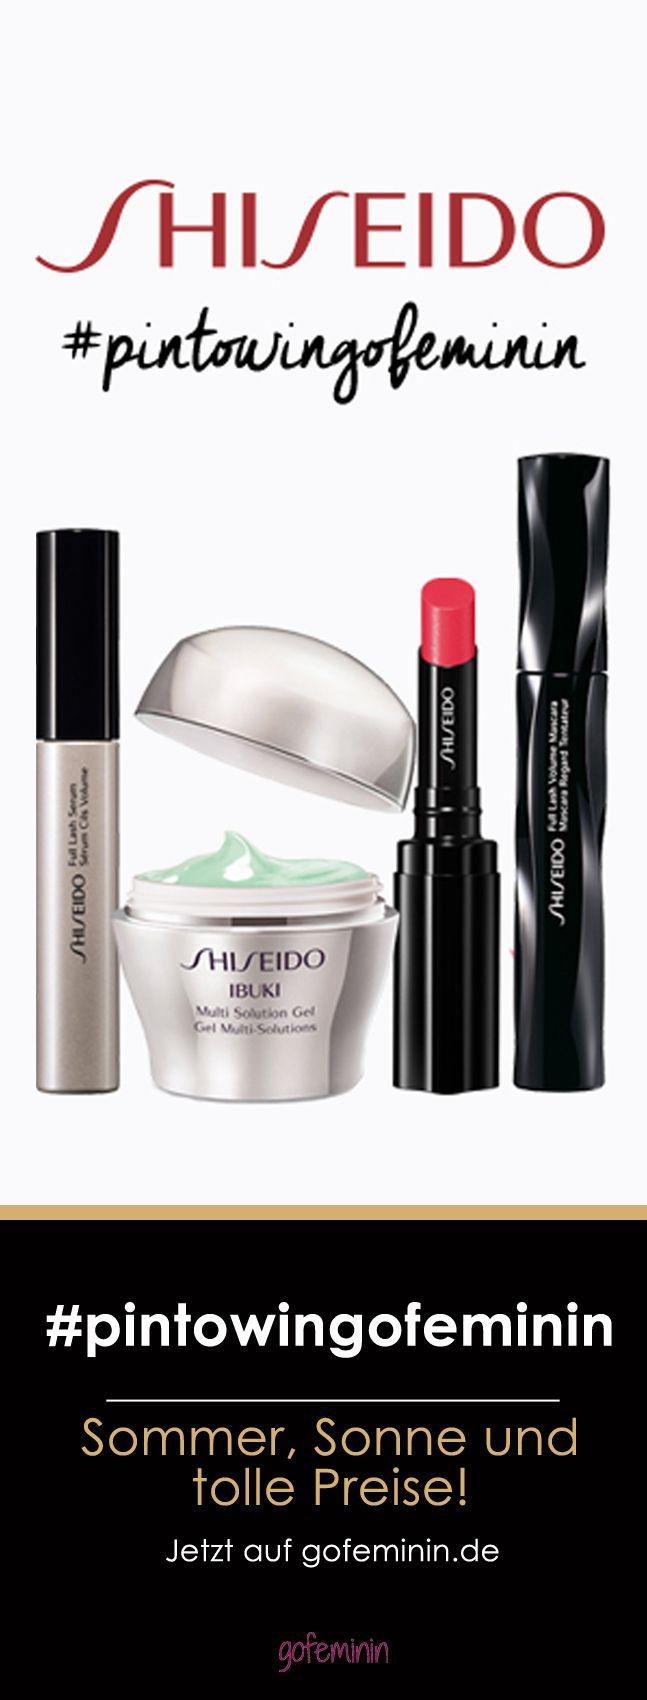 Sommer, Sonne & tolle Preise! Mach mit bei unserem großen Pinterest-Gewinnspiel und gewinne im August jede Woche ein Beautypaket von Shiseido.  #gofeminin #pintowingofeminin